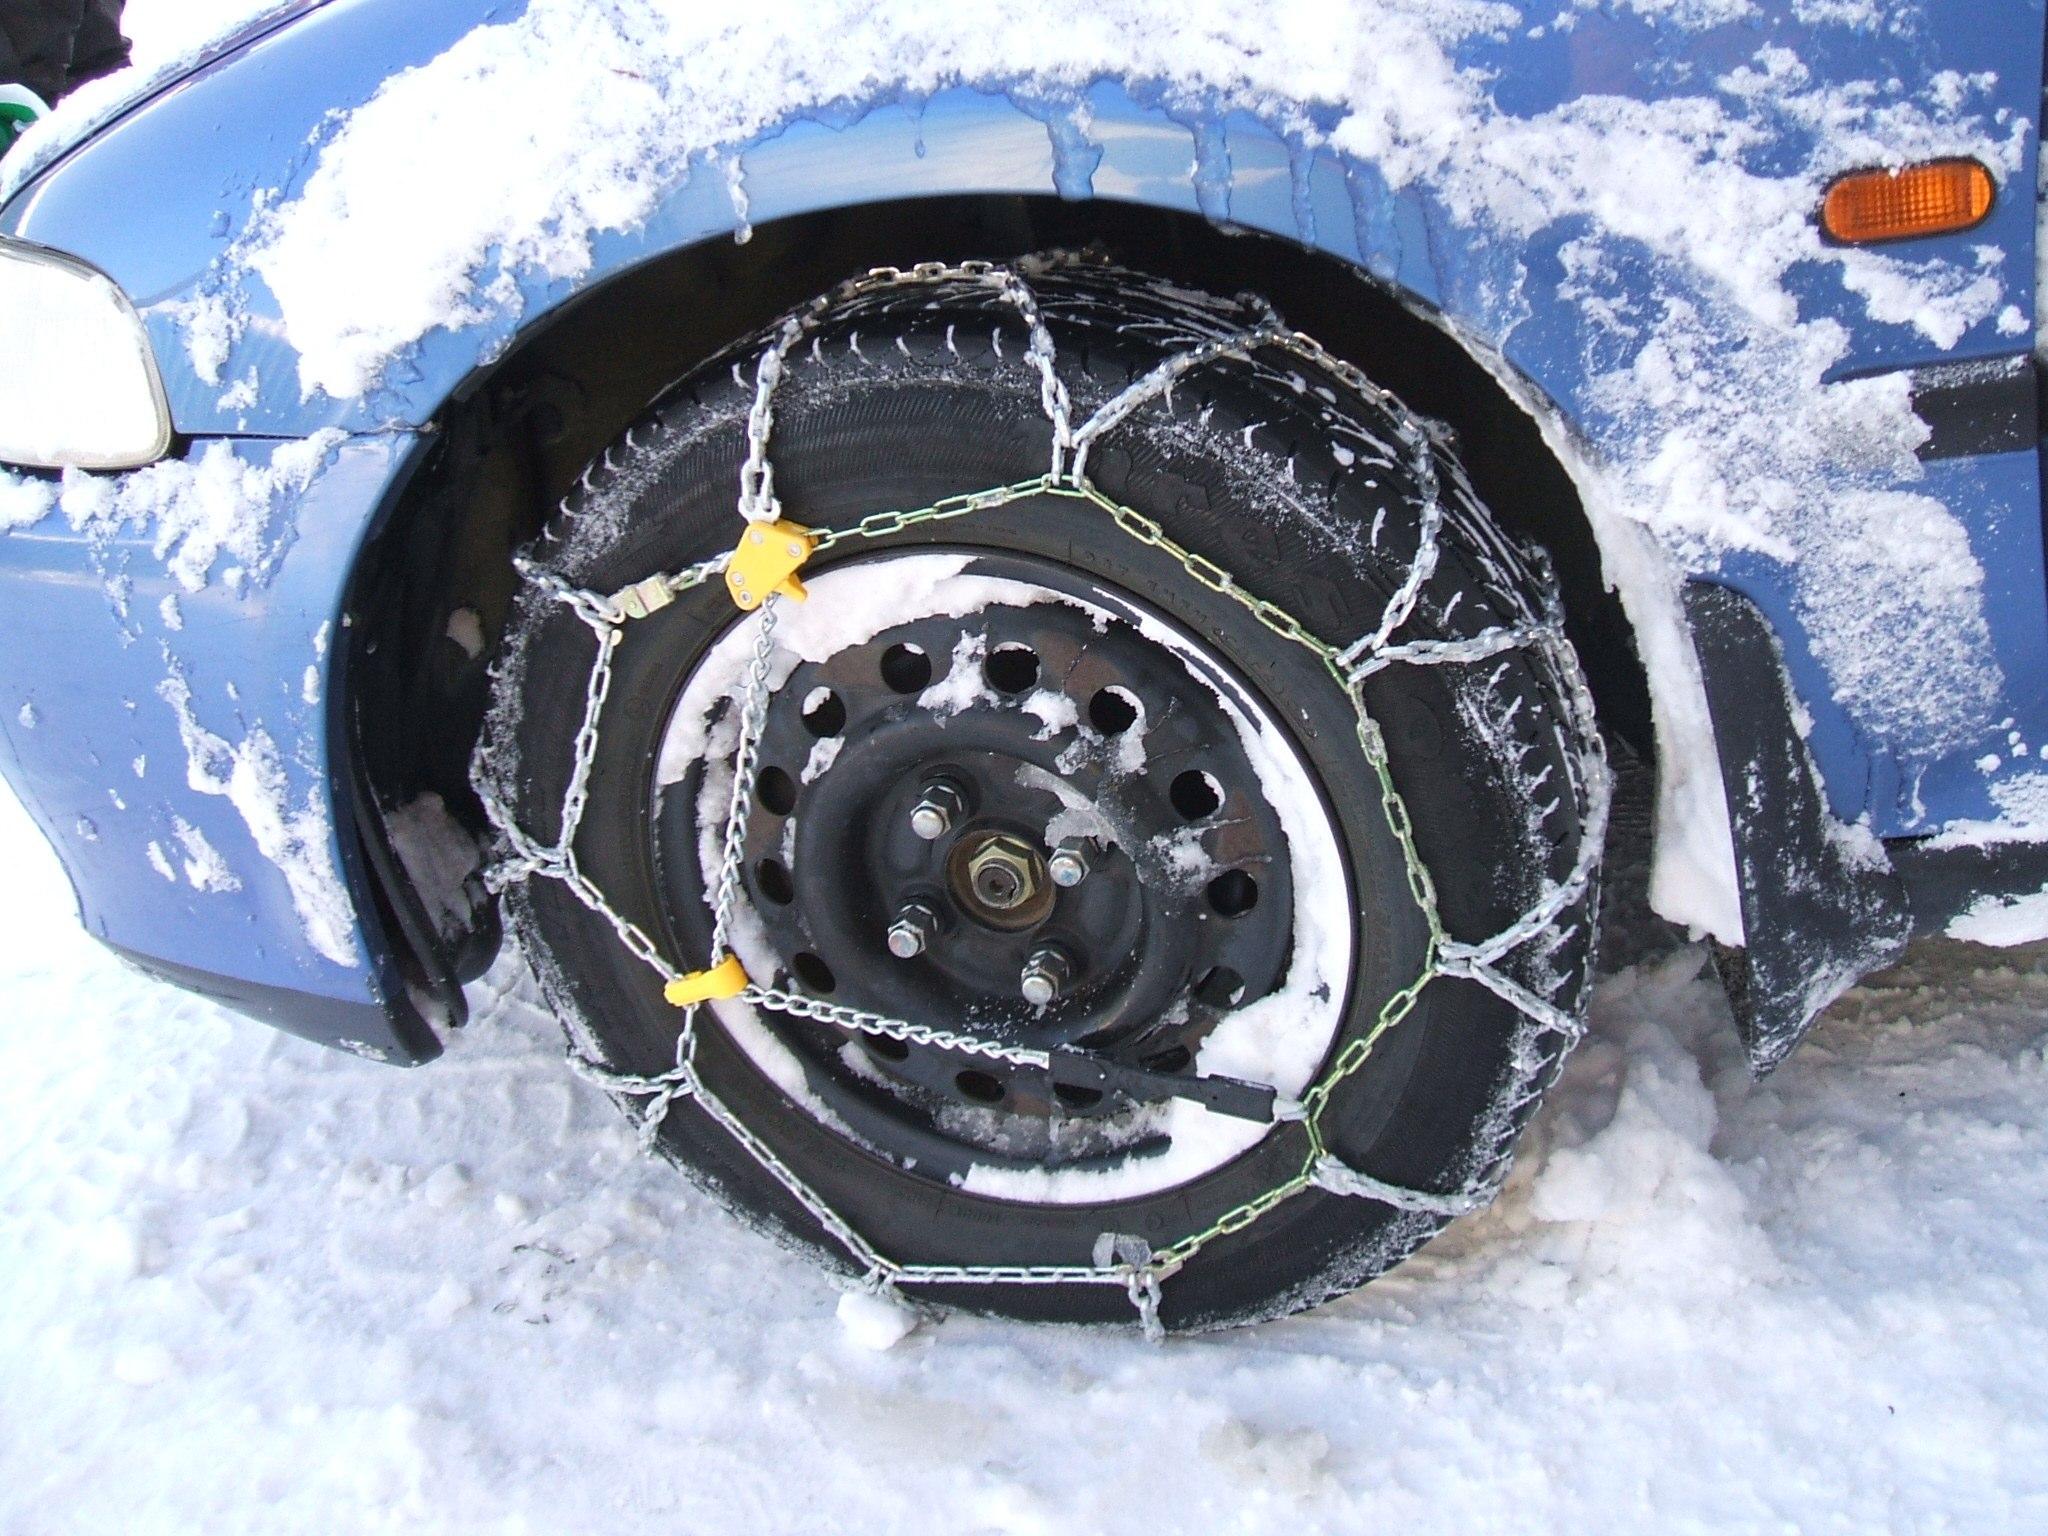 Dispositif d'adhérence pour pneus neige